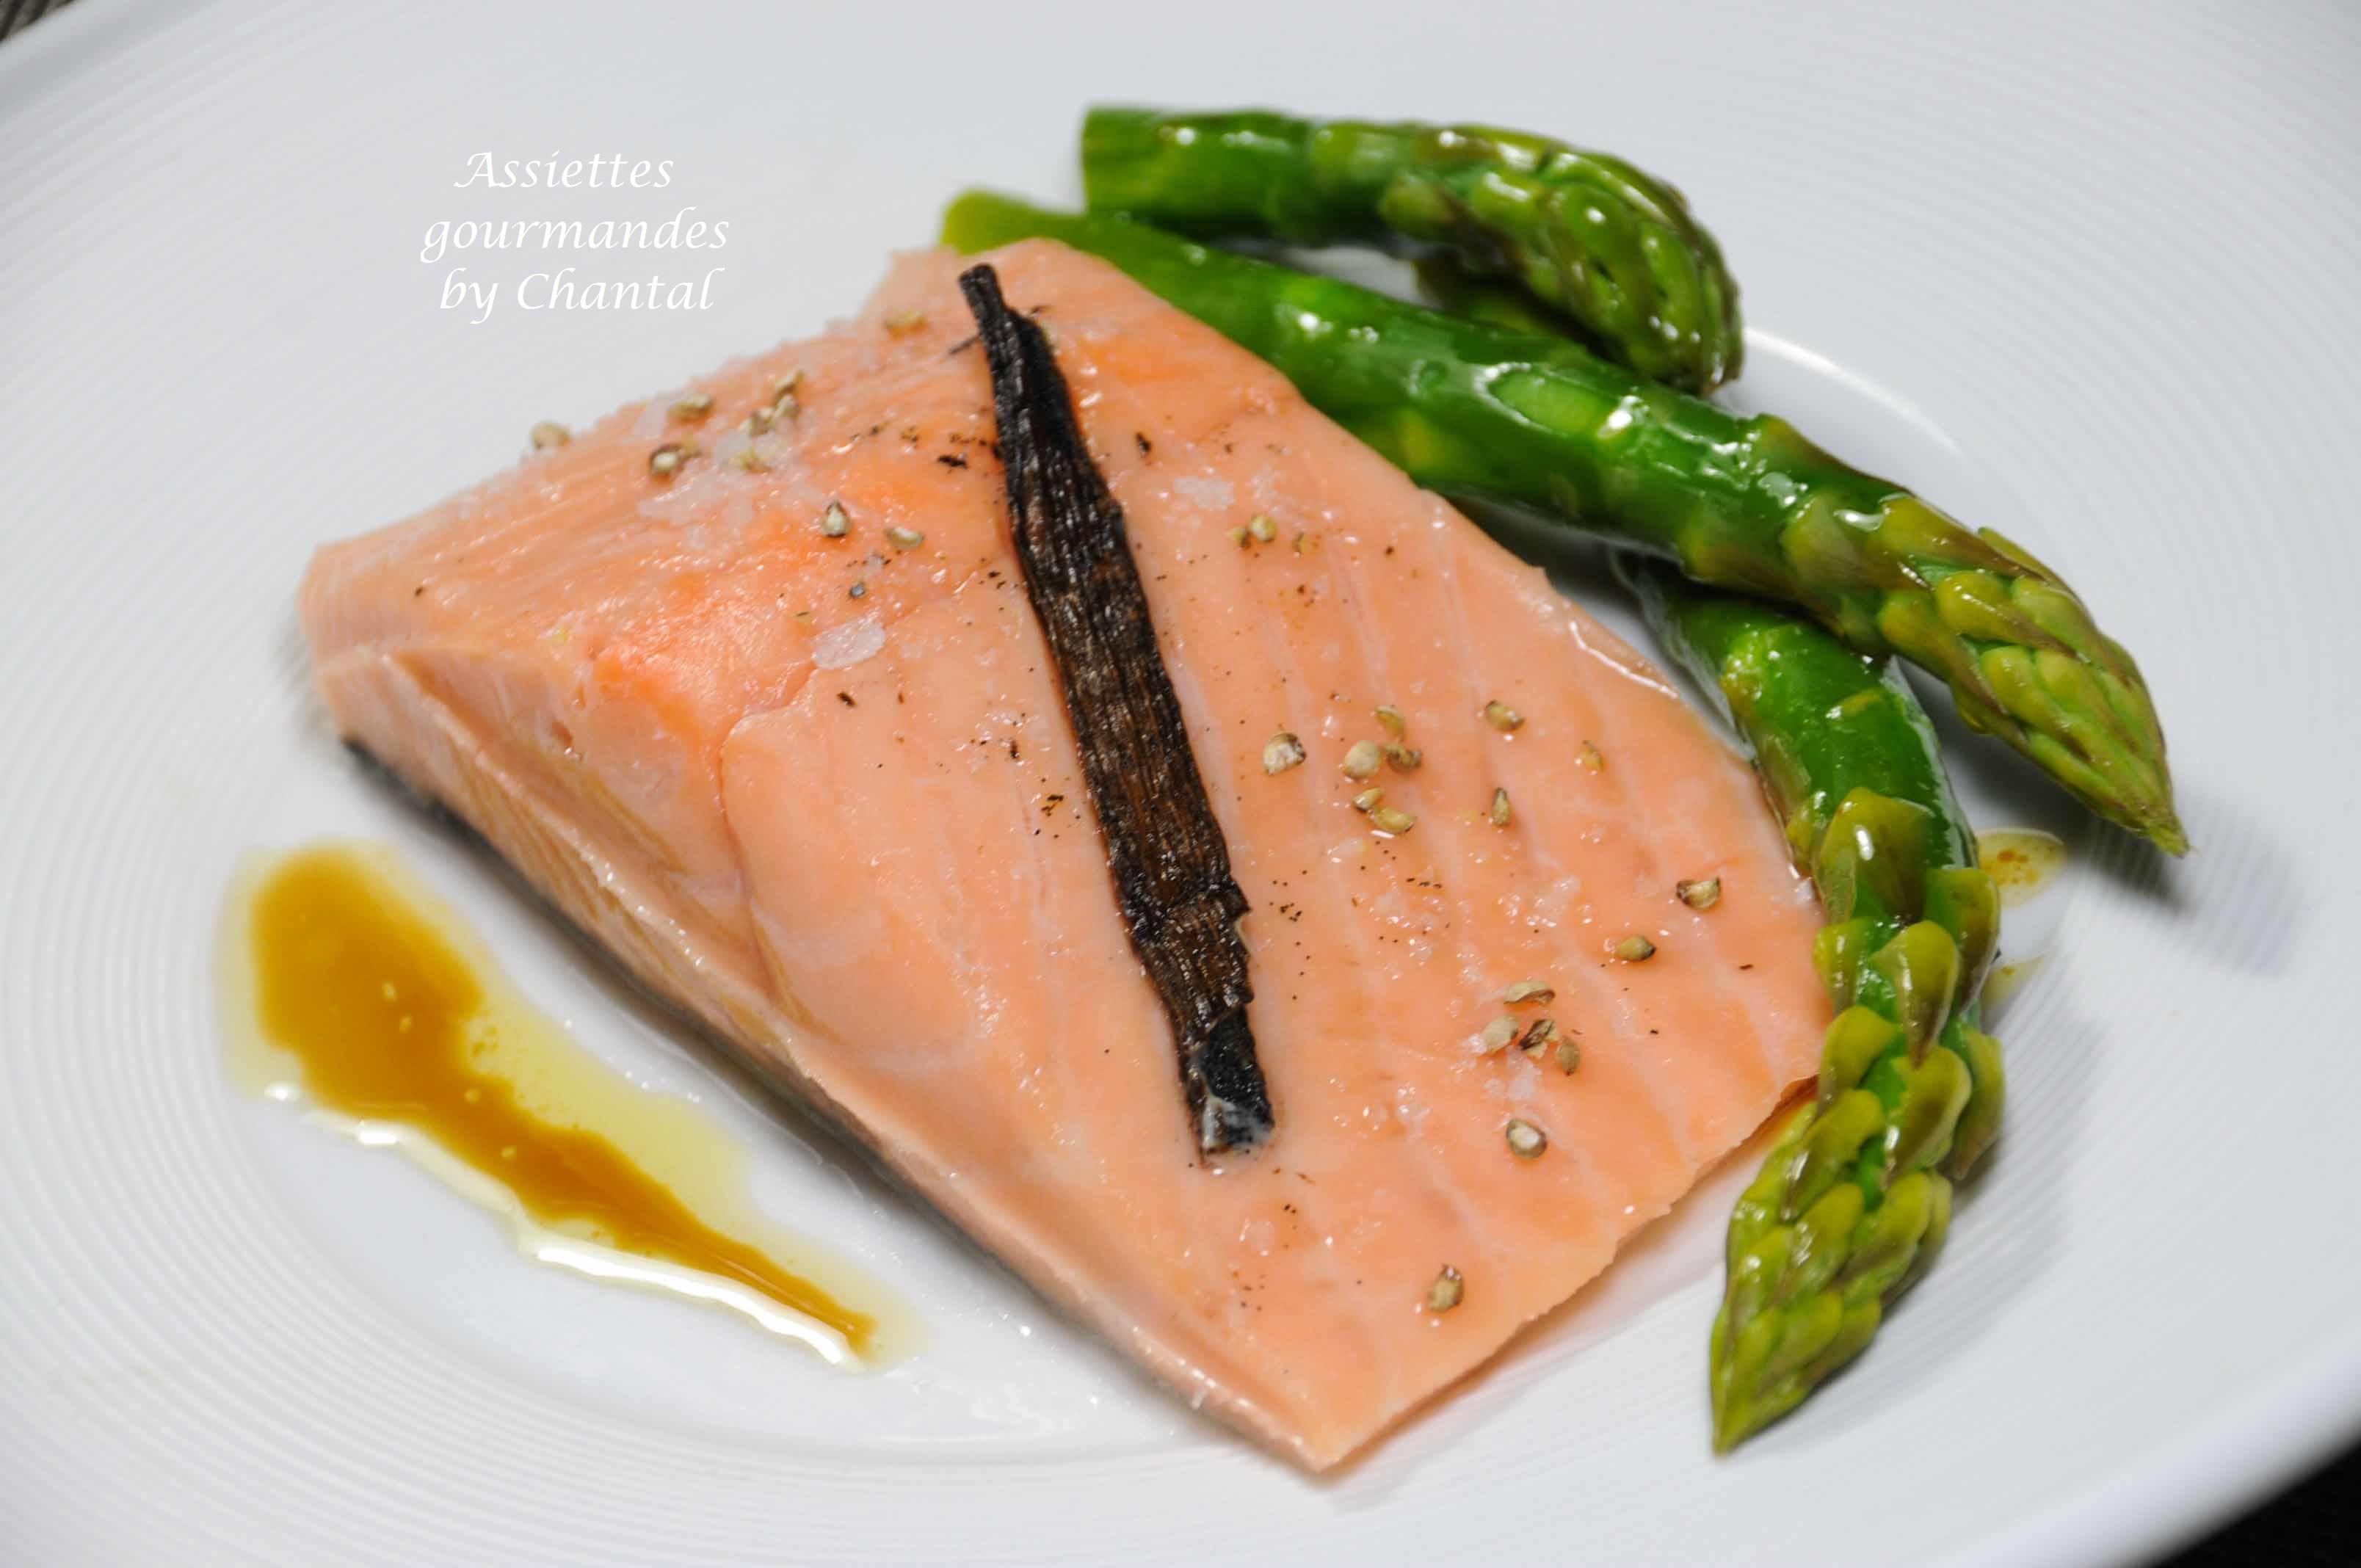 Saumon sous vide basse température et asperges vertes